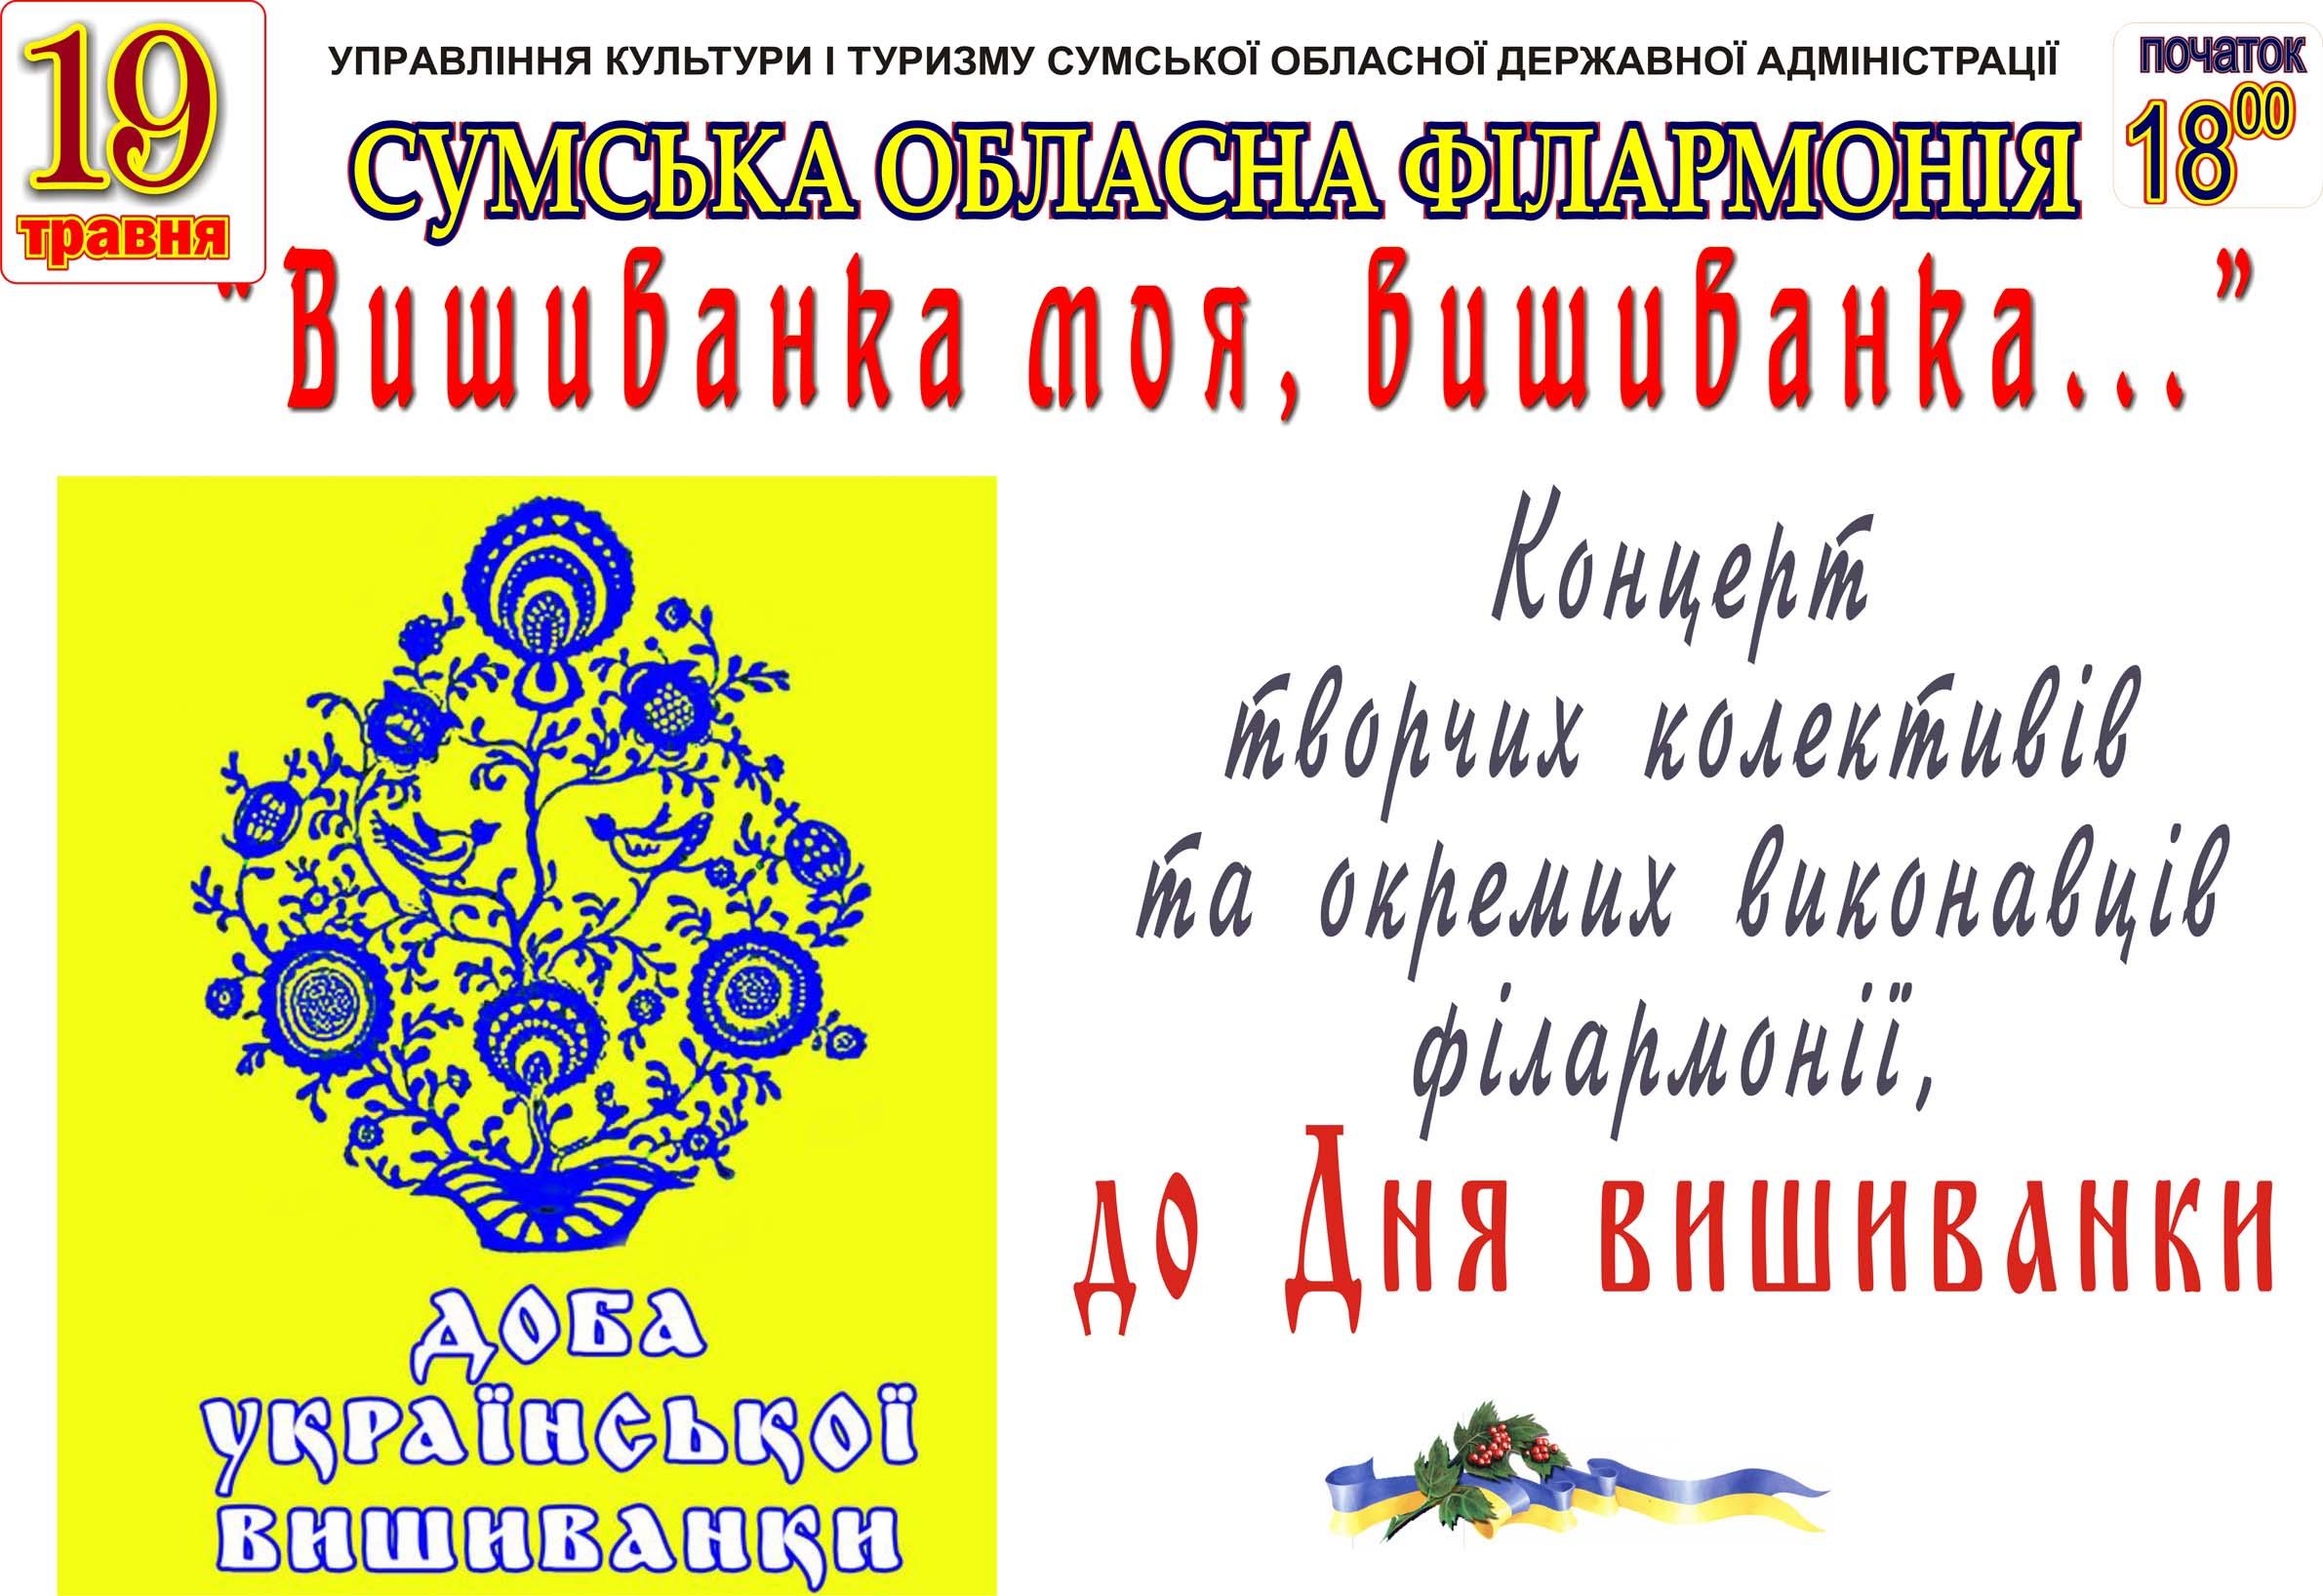 19_05_den_vyshyvanky-1